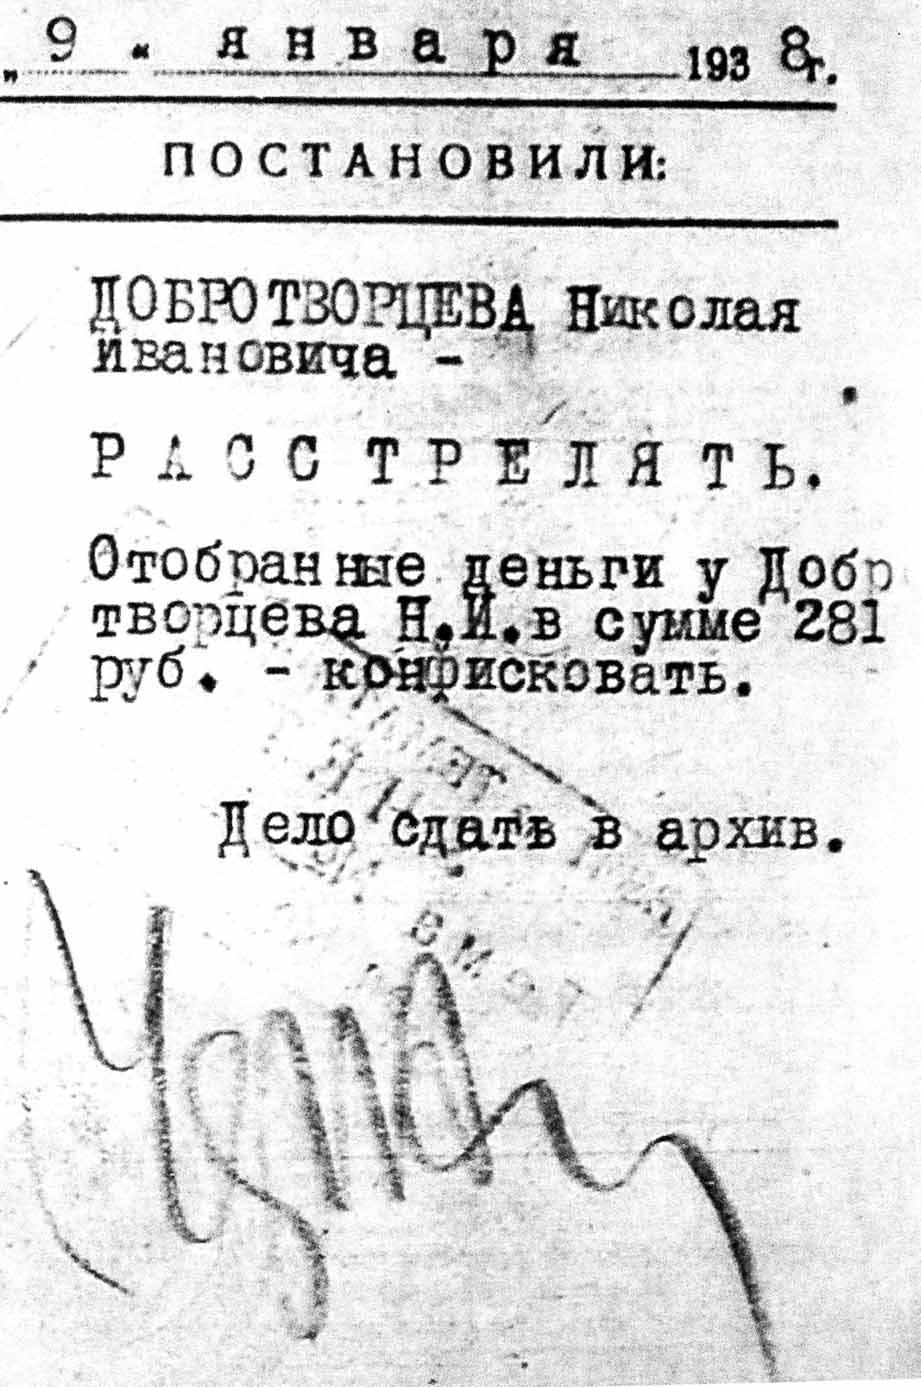 Выписка из протокола заседания тройки управления НКВД по Воронежской области.